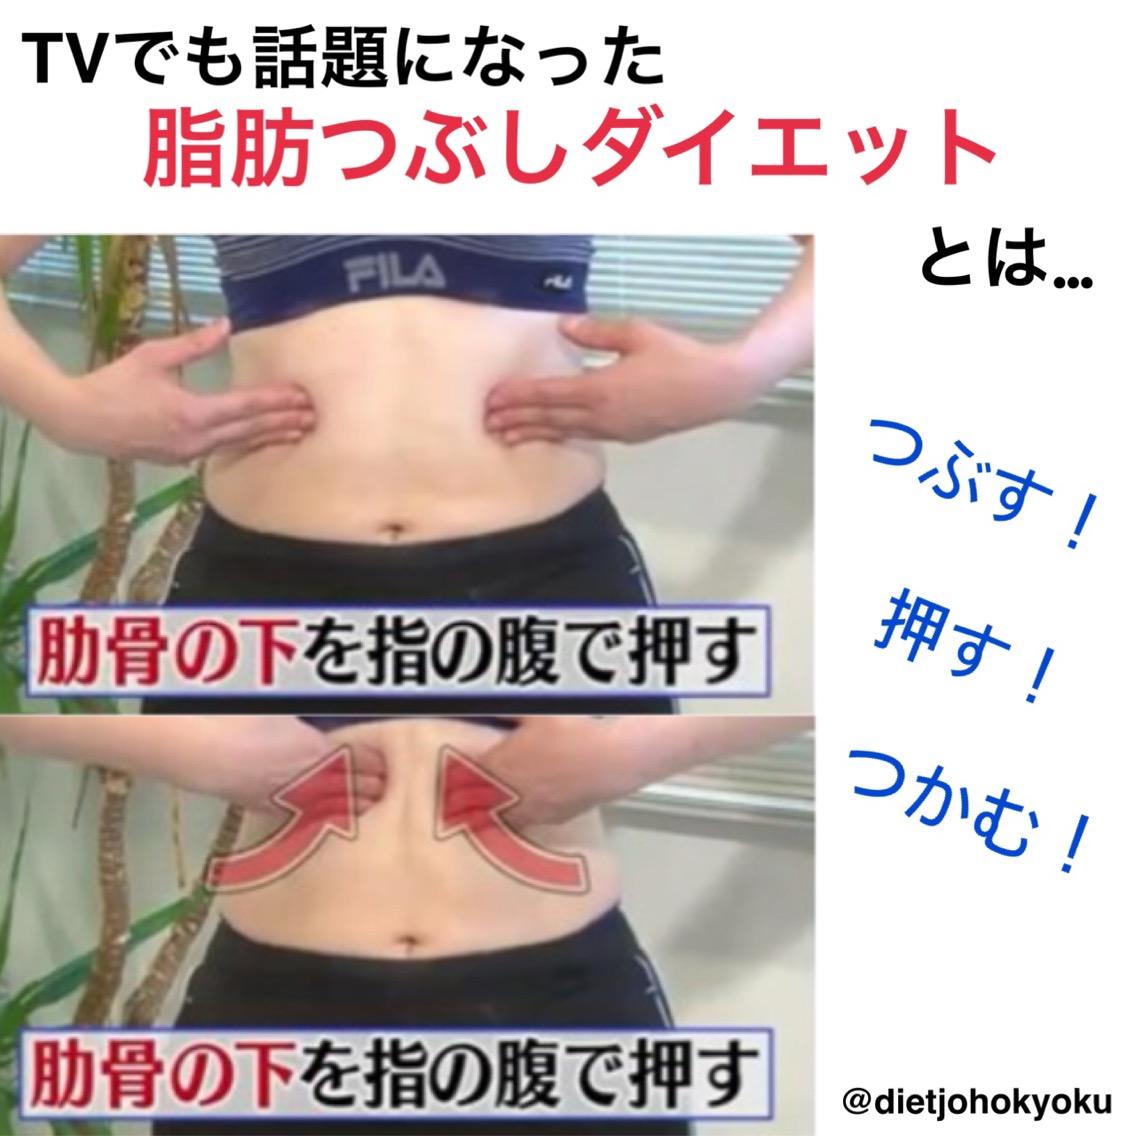 テレビ「バイキング」で話題となった ~脂肪つぶしダイエットとは?~